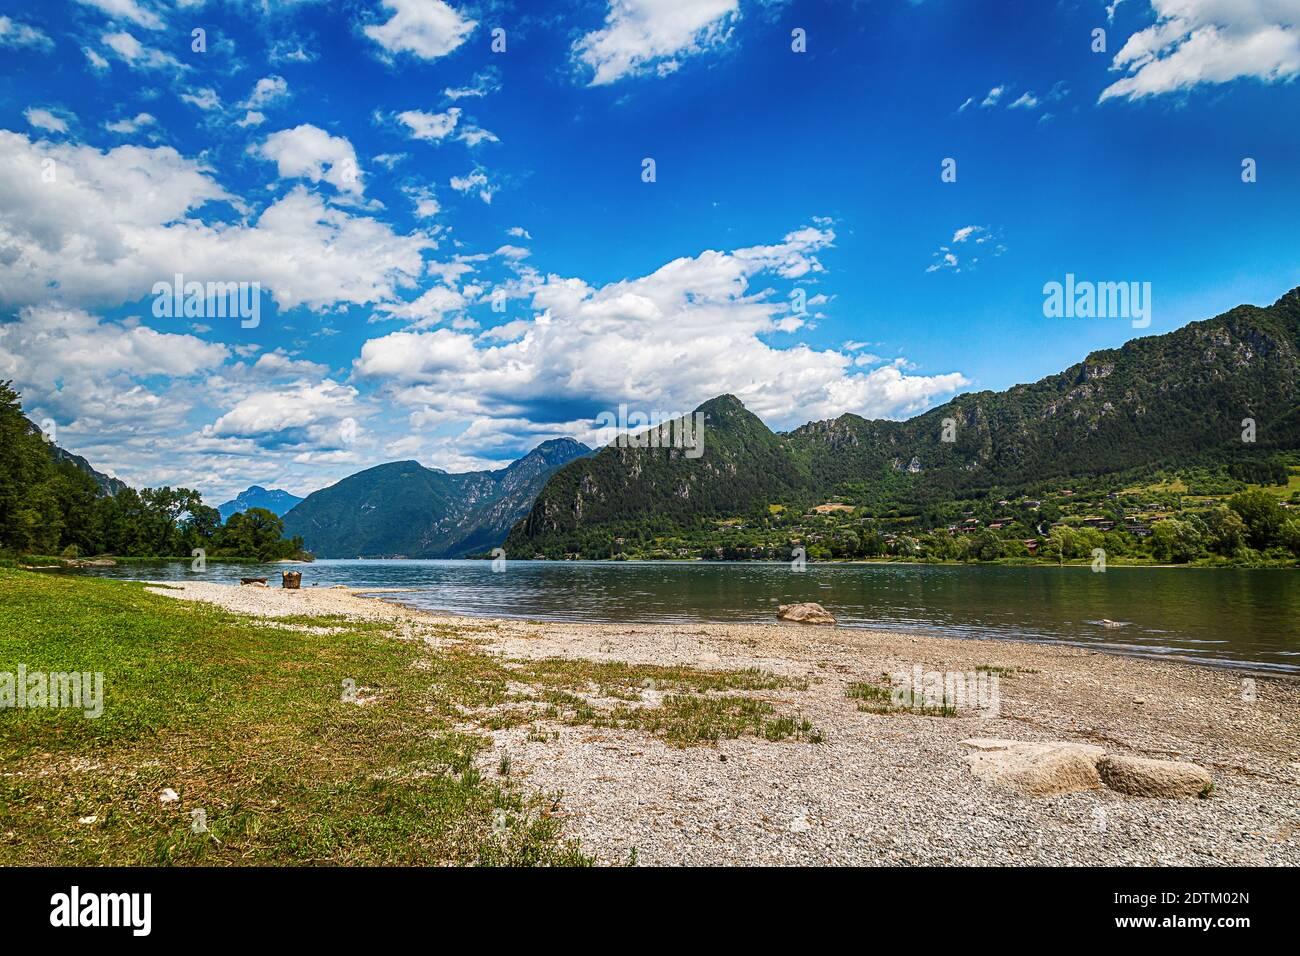 Paesaggio Del Lago Idro Immagini E Fotos Stock Alamy